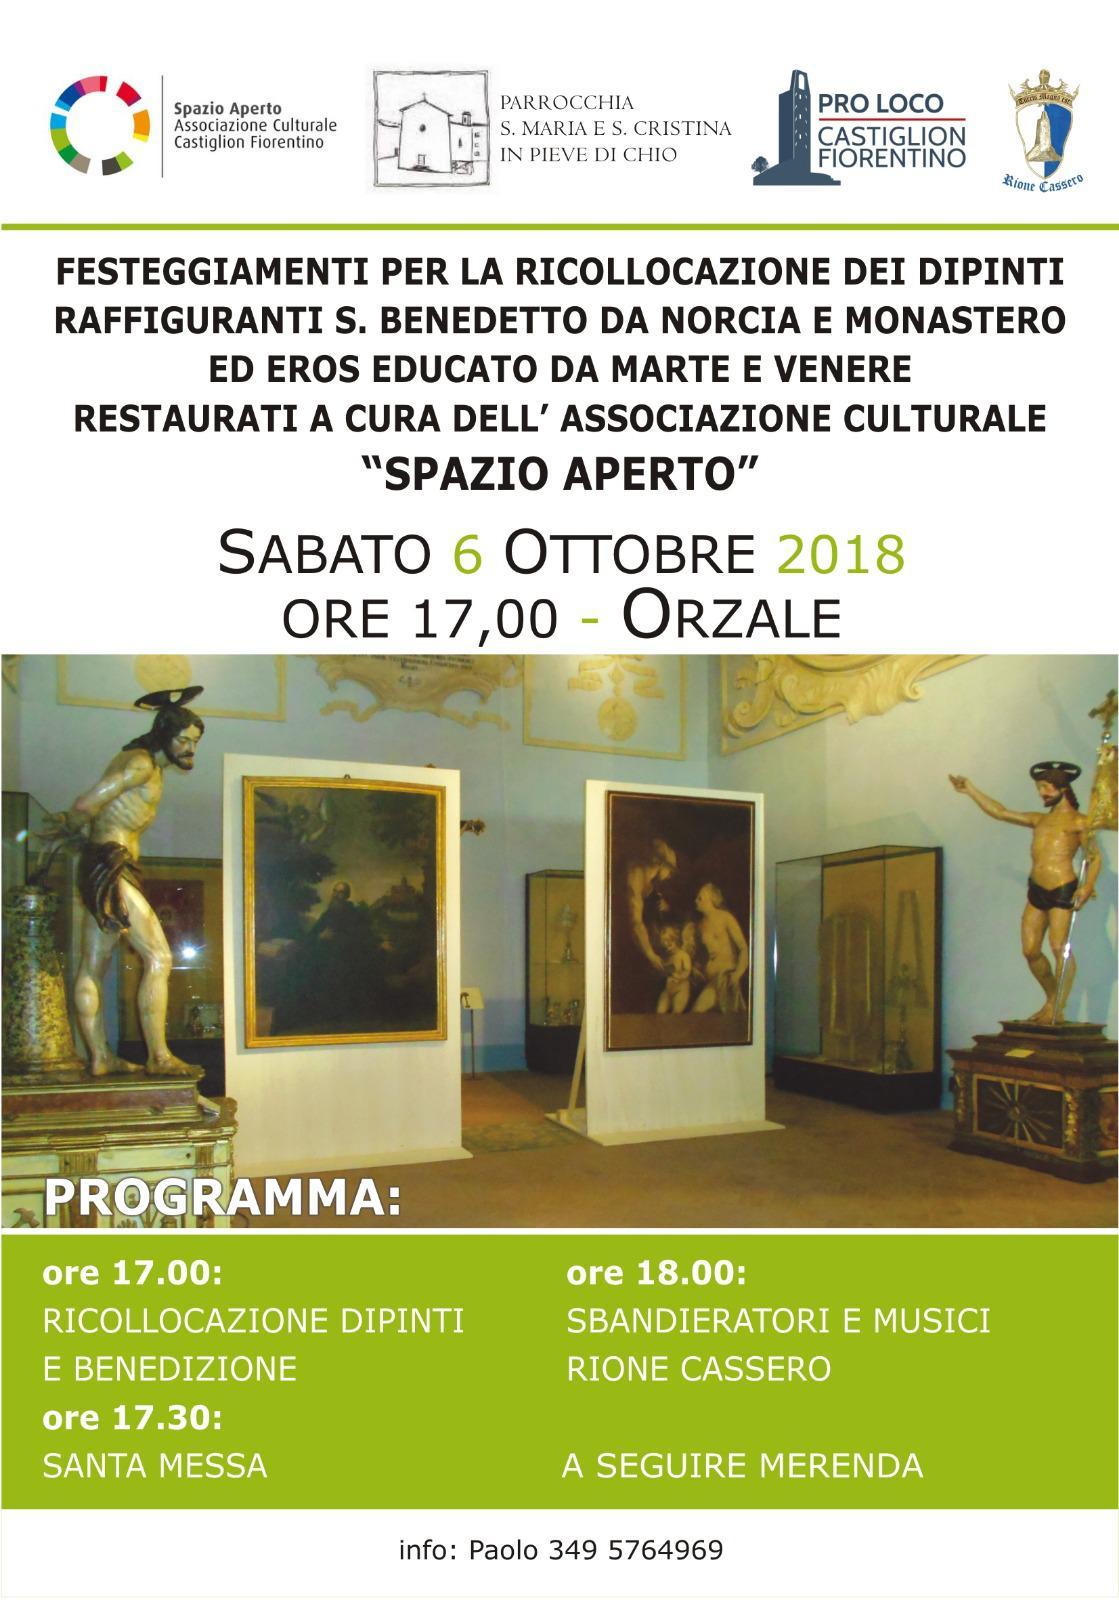 Ricollocati i dipinti a Orzale, sabato i festeggiamenti